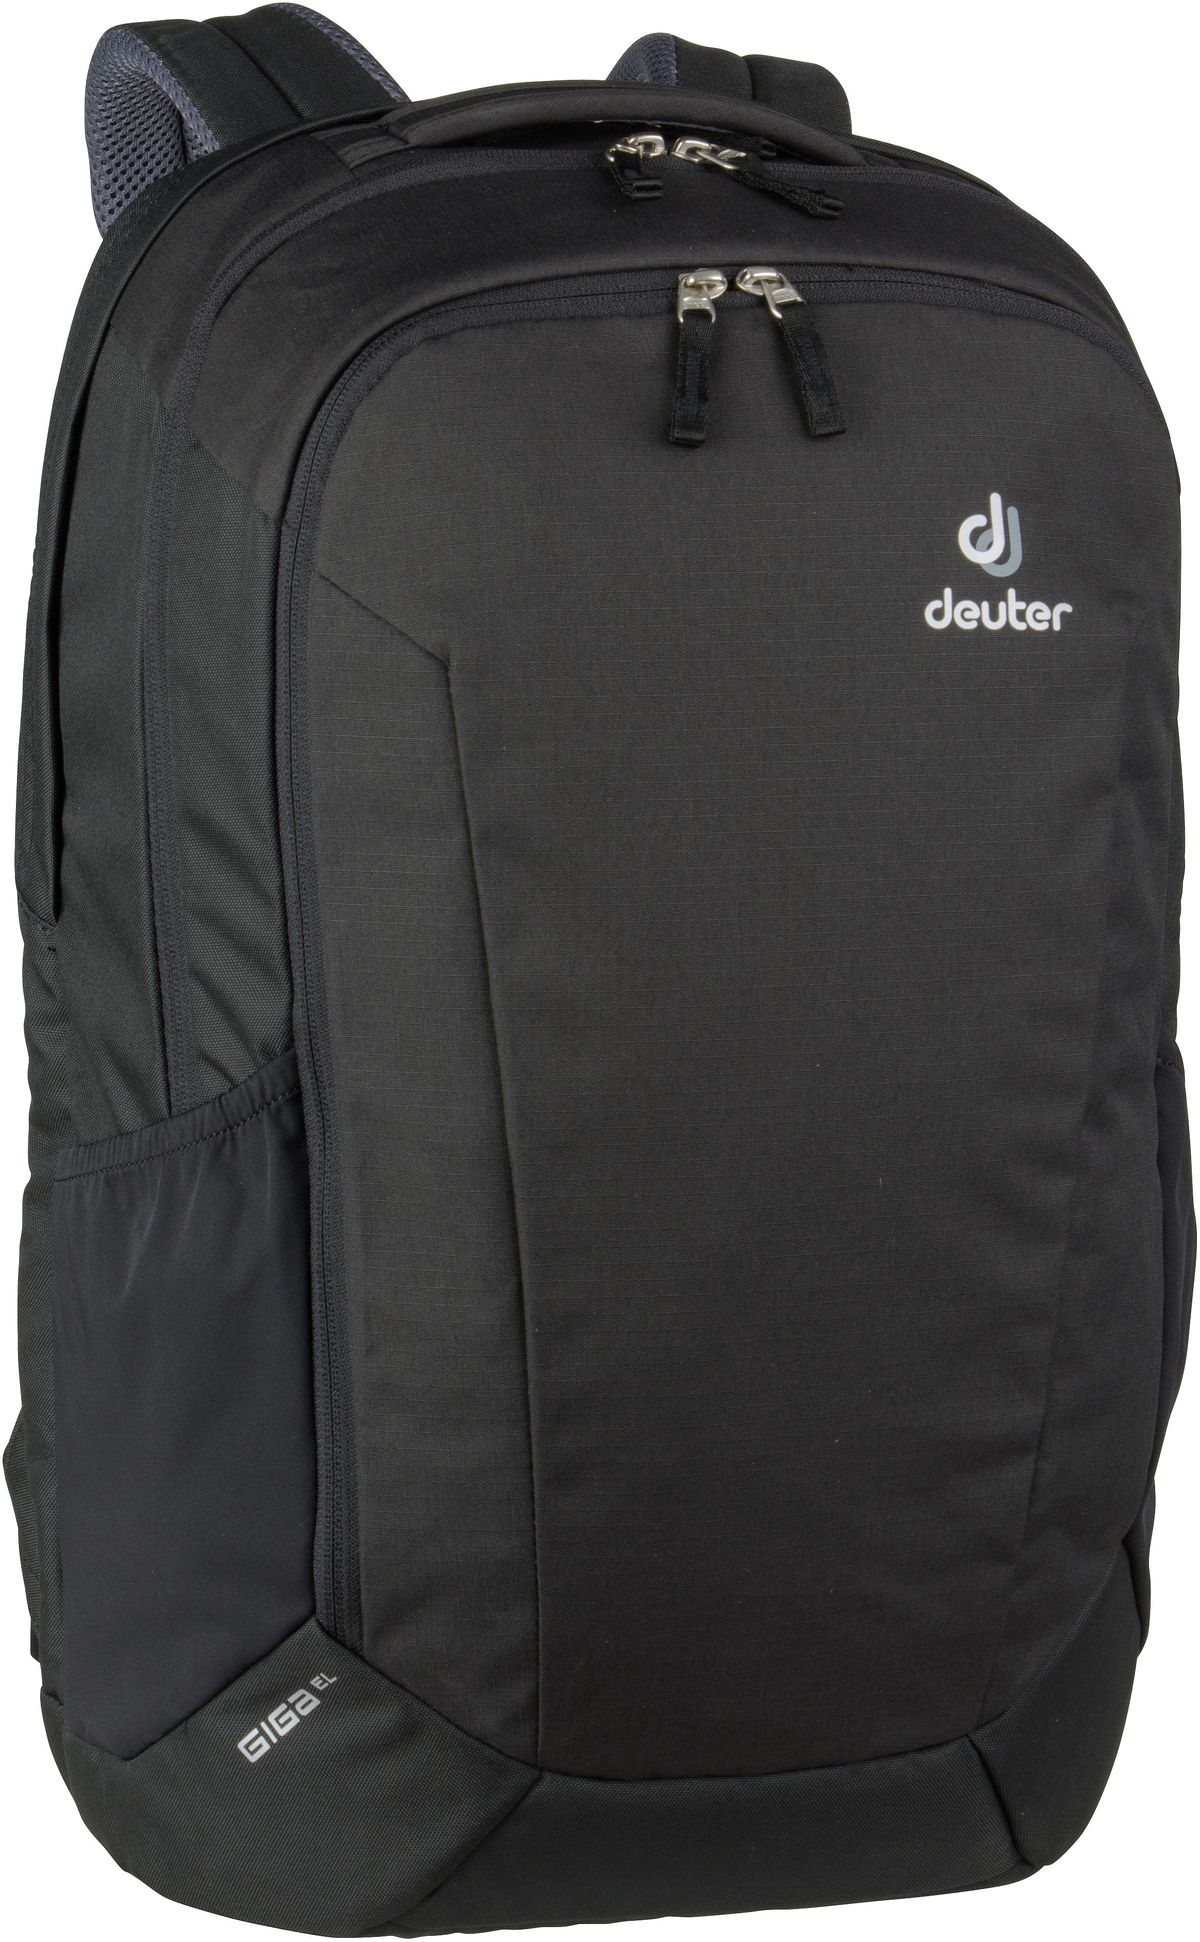 Rucksack / Daypack Giga EL Black (32 Liter)